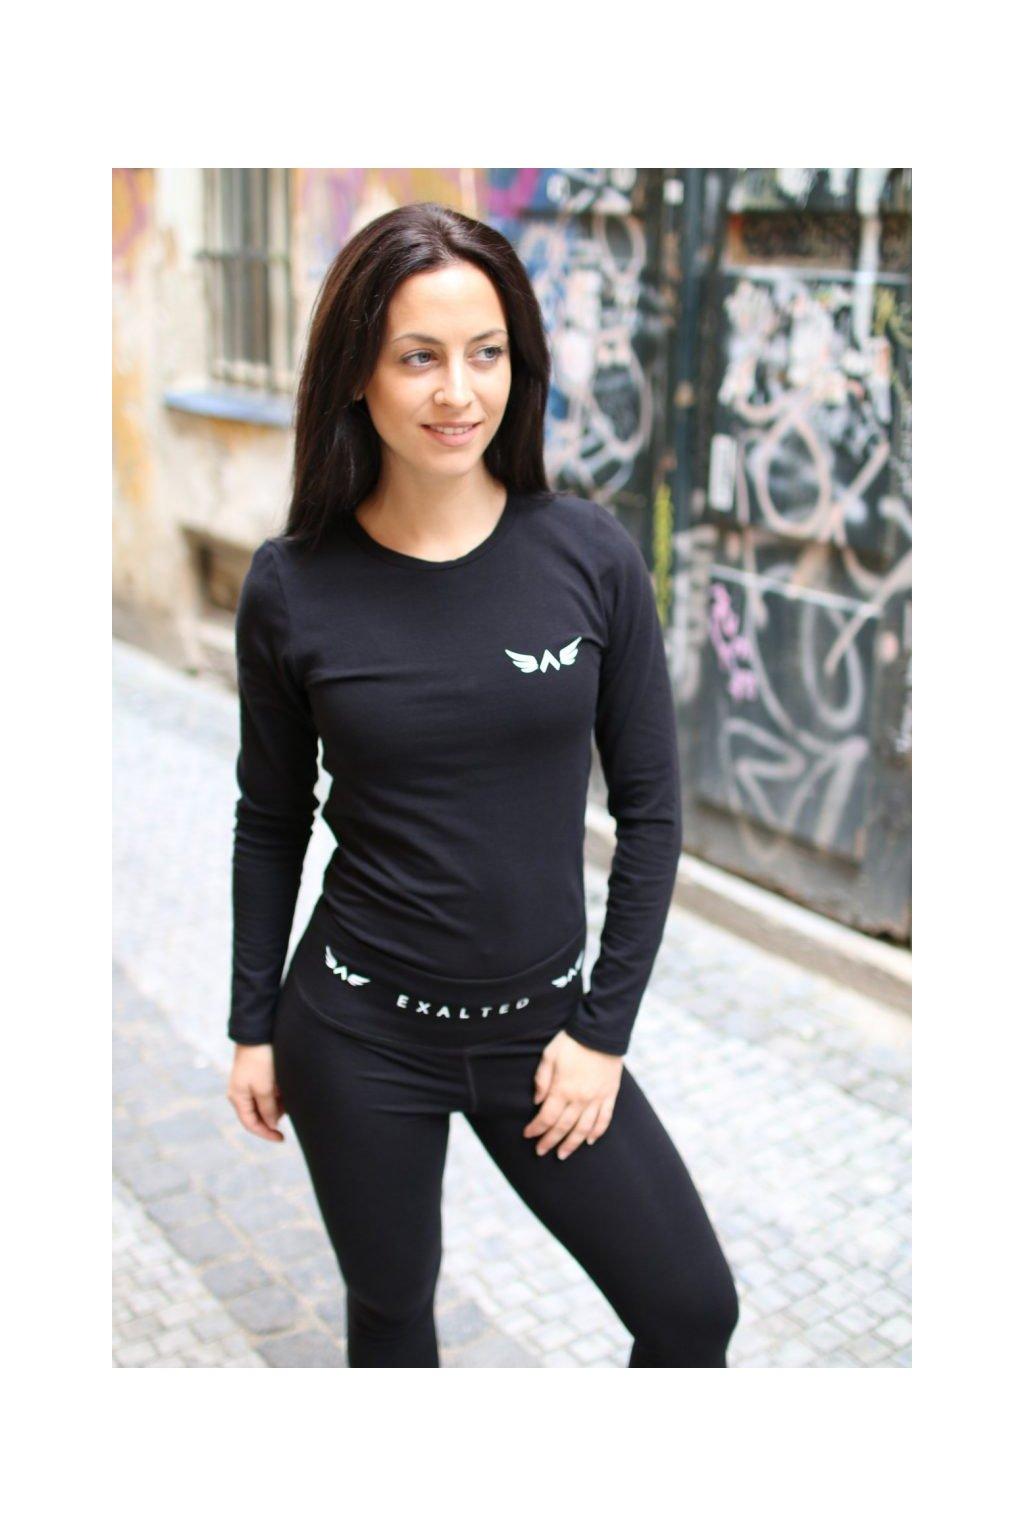 Exalted X1 dámske tričko s dlhým rukávom čierne